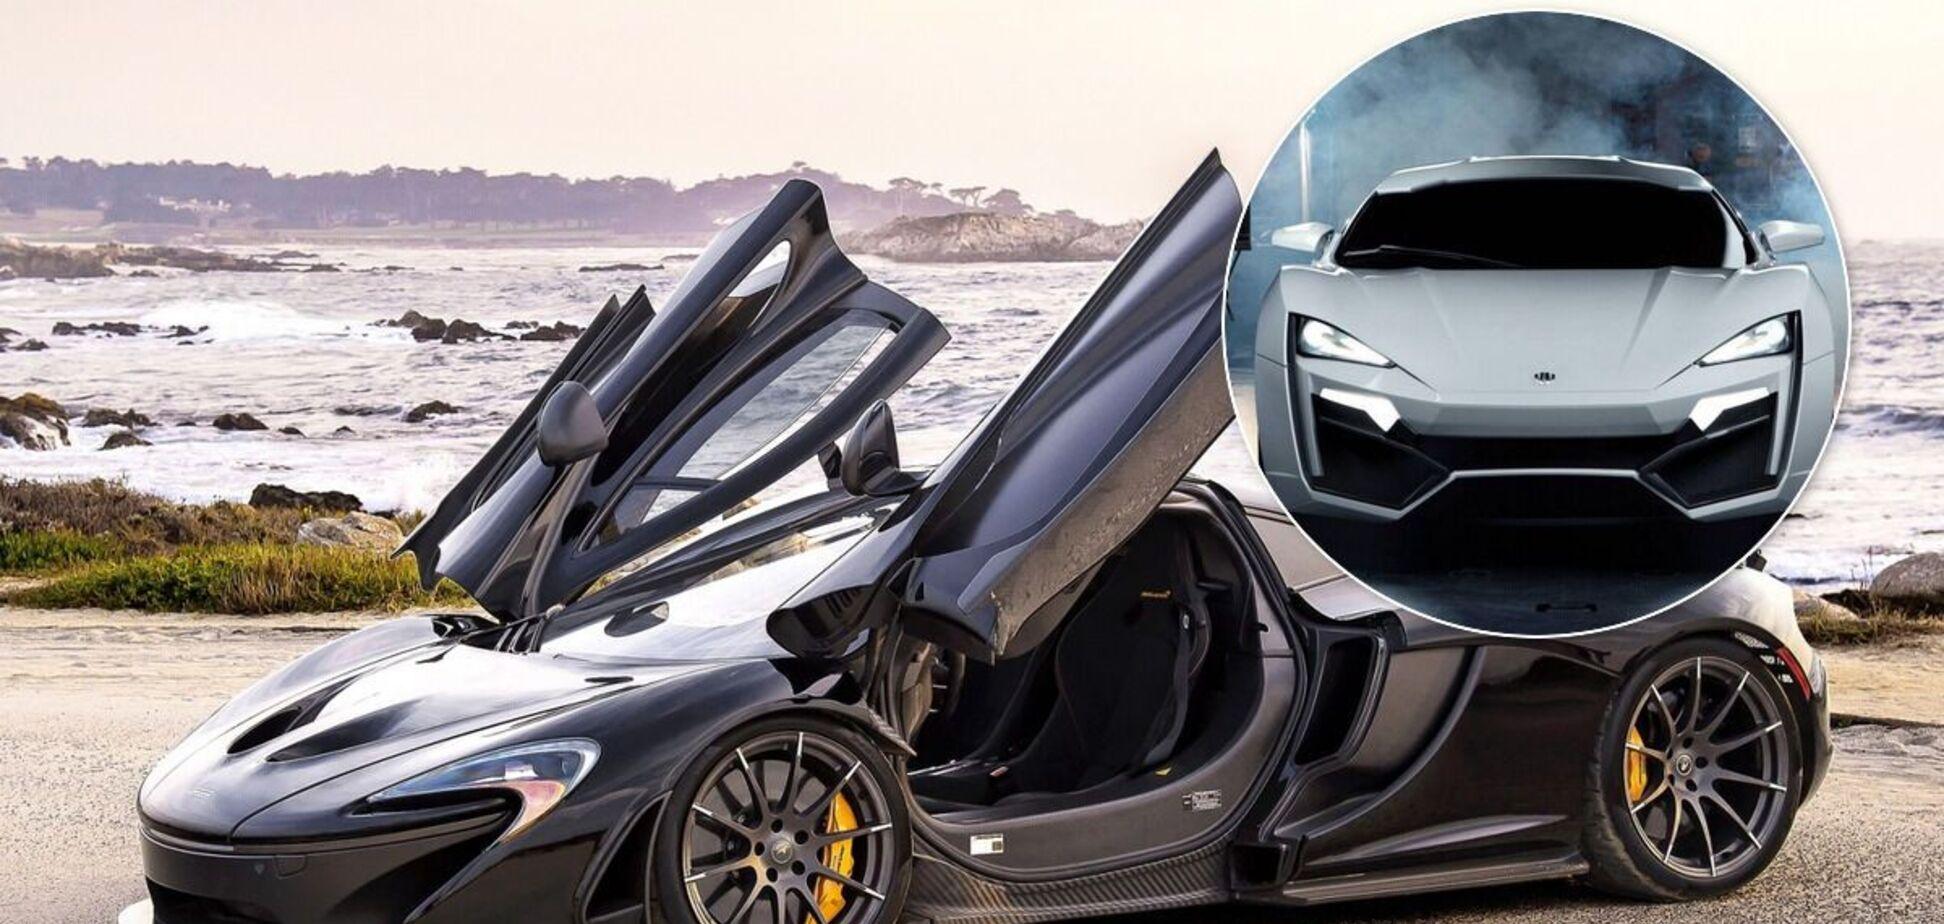 ТОП-10 найдорожчих автомобілів у світі